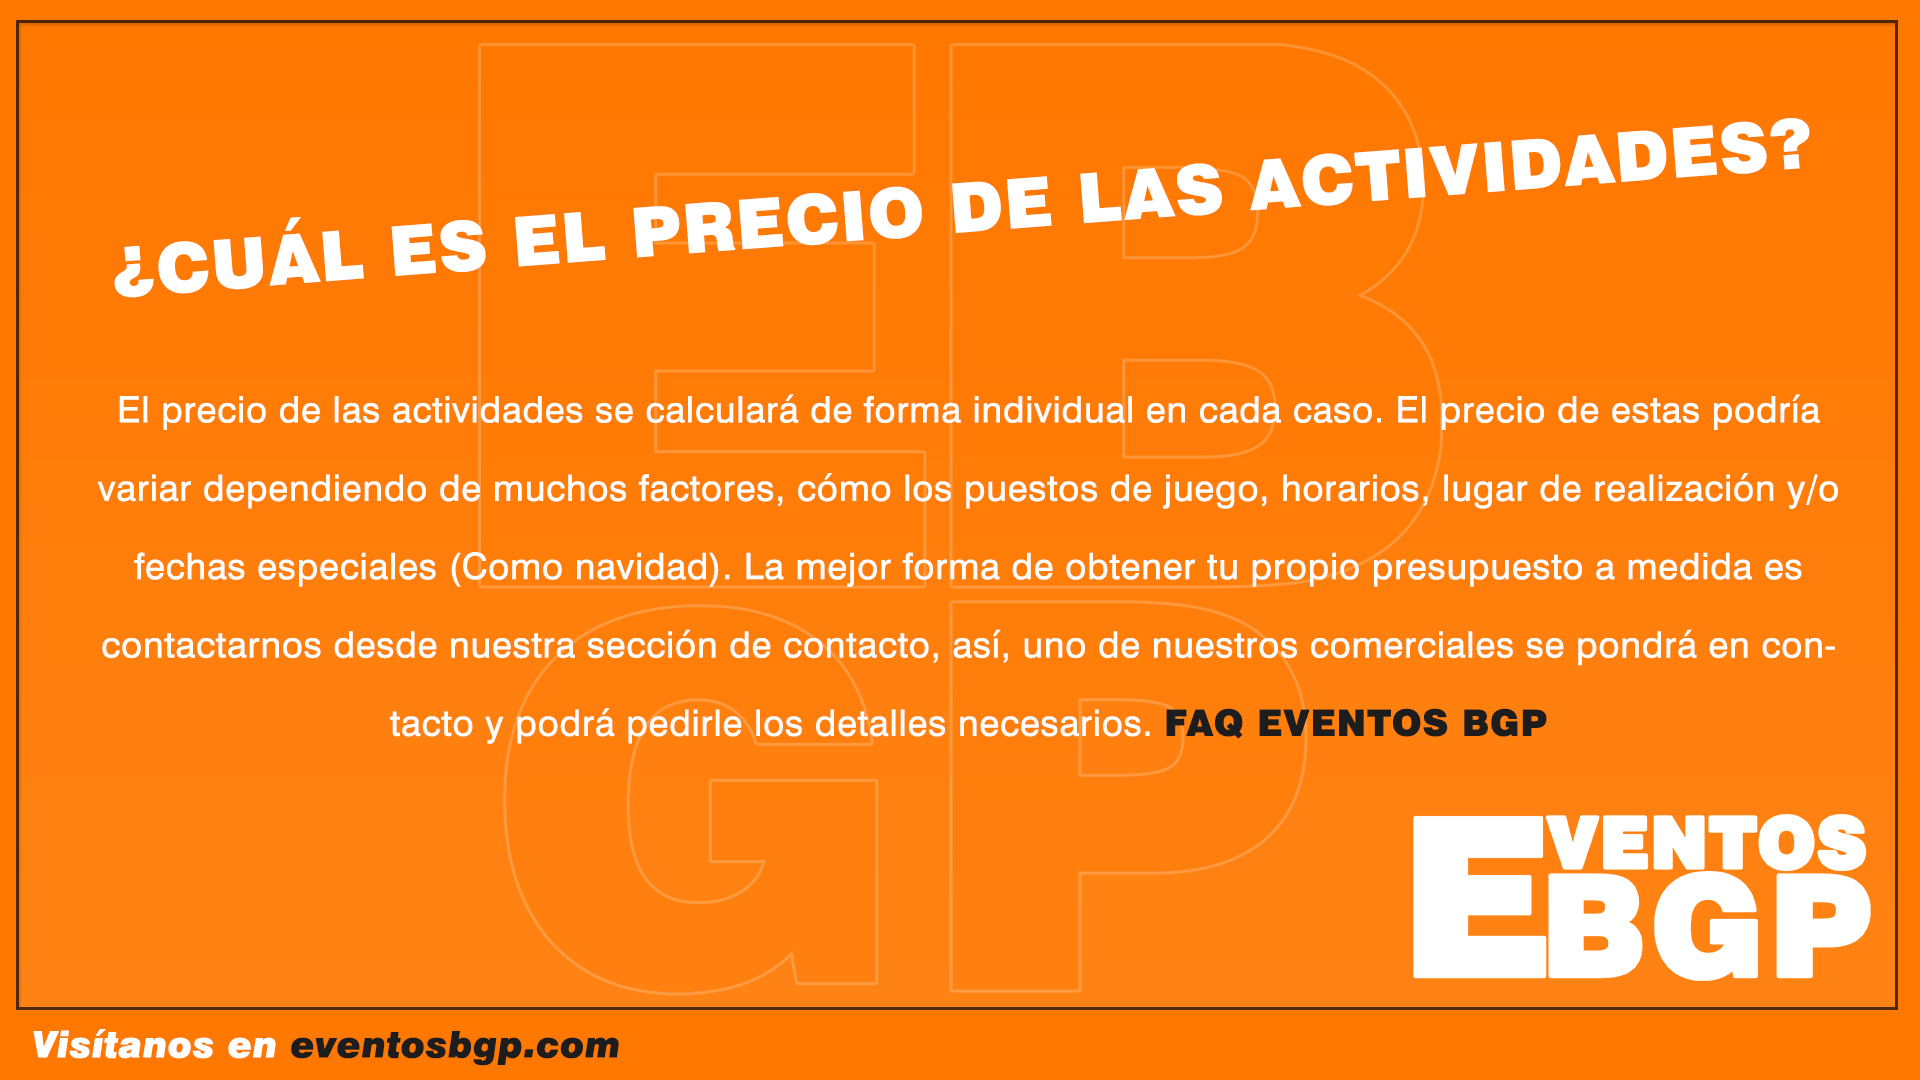 FAQ: ¿Cuál es el precio de las actividades? | Eventos BGP